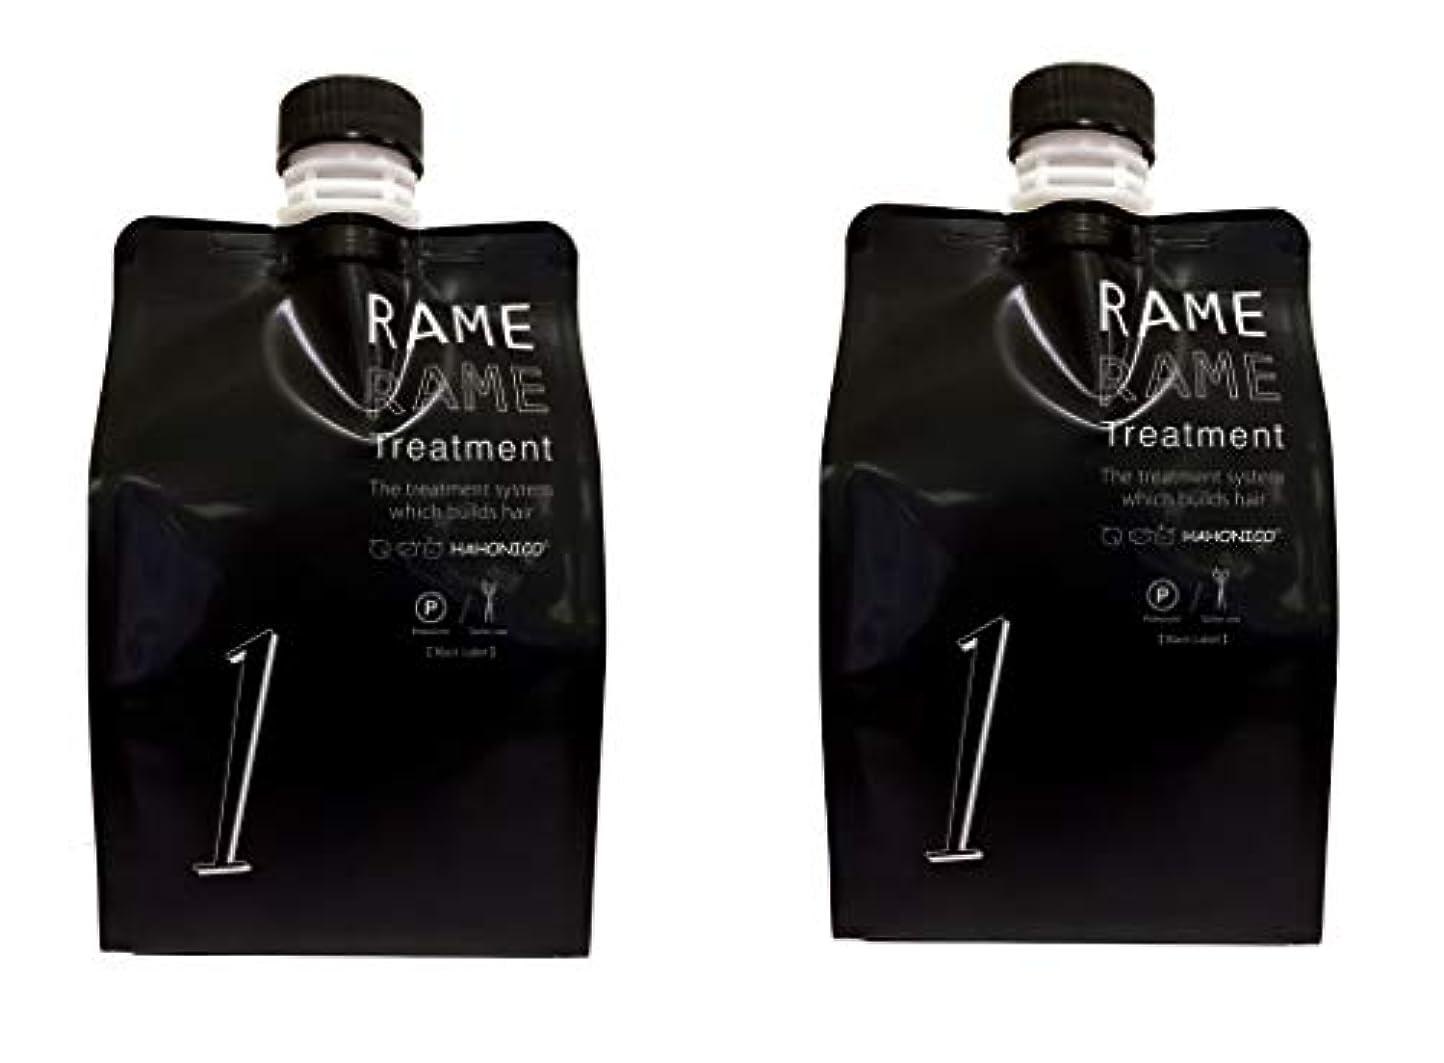 キャンペーンローン分配します【2個セット】 ハホニコ ザラメラメ No.1 1000g ブラックレーベル